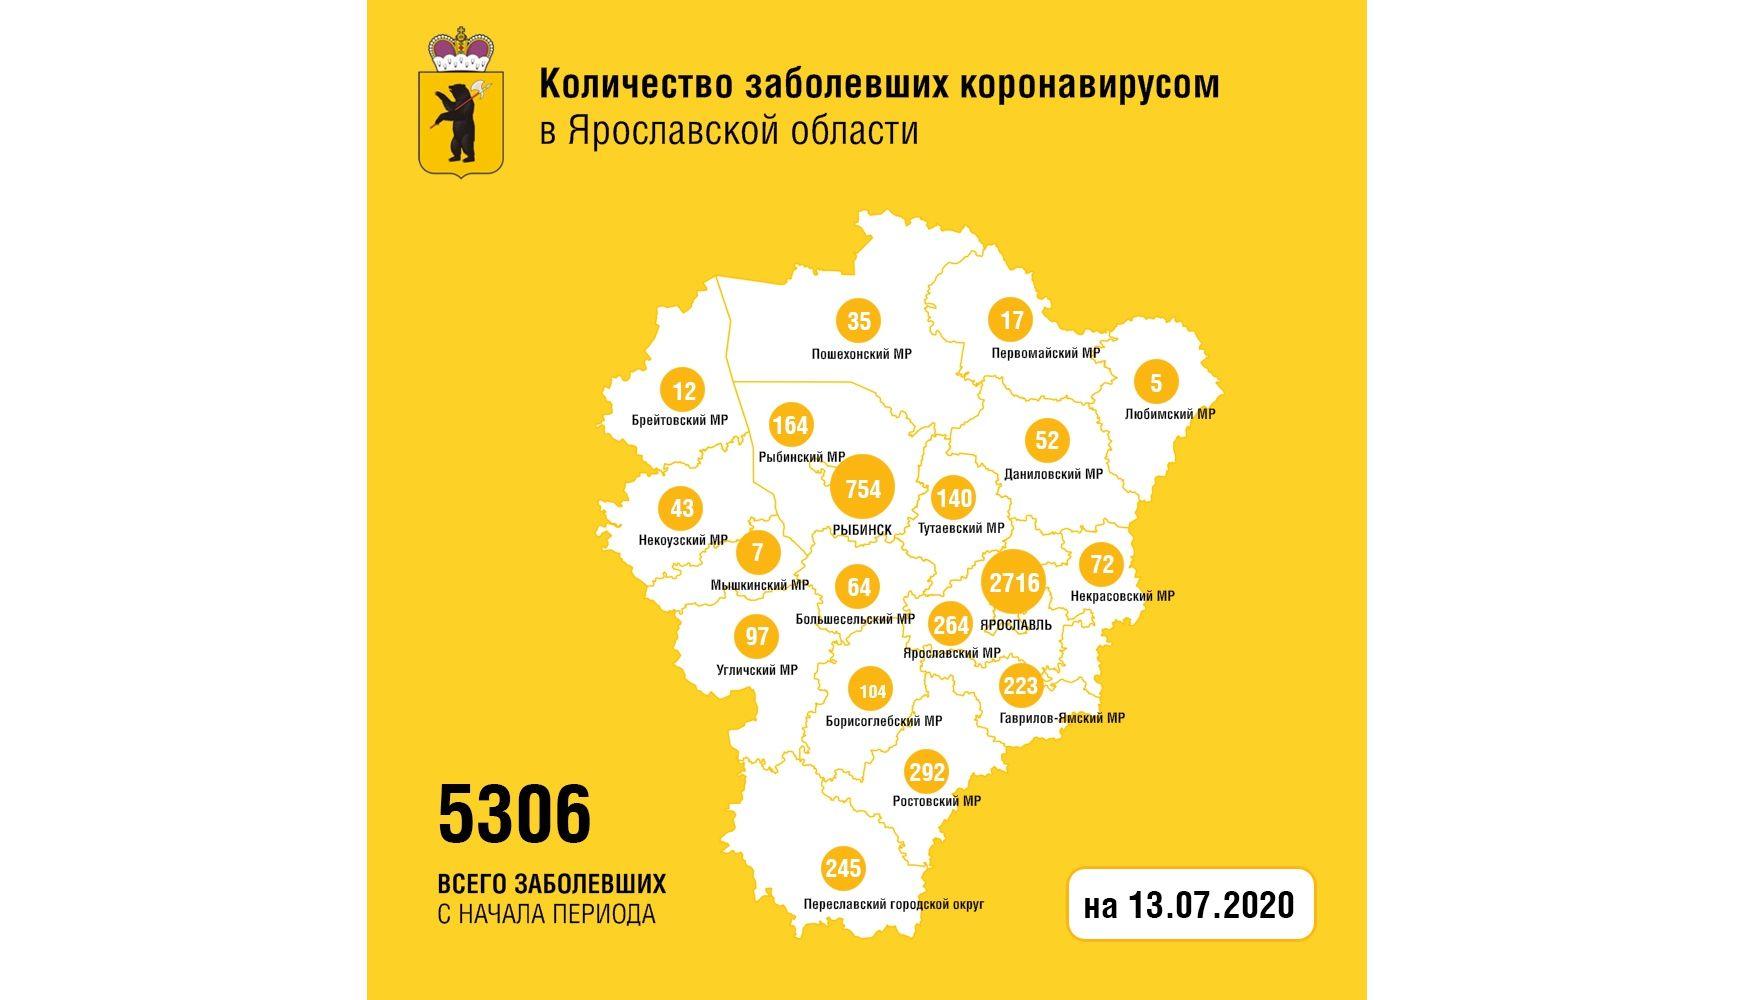 Еще четырех жителей Ярославской области вылечили от коронавируса